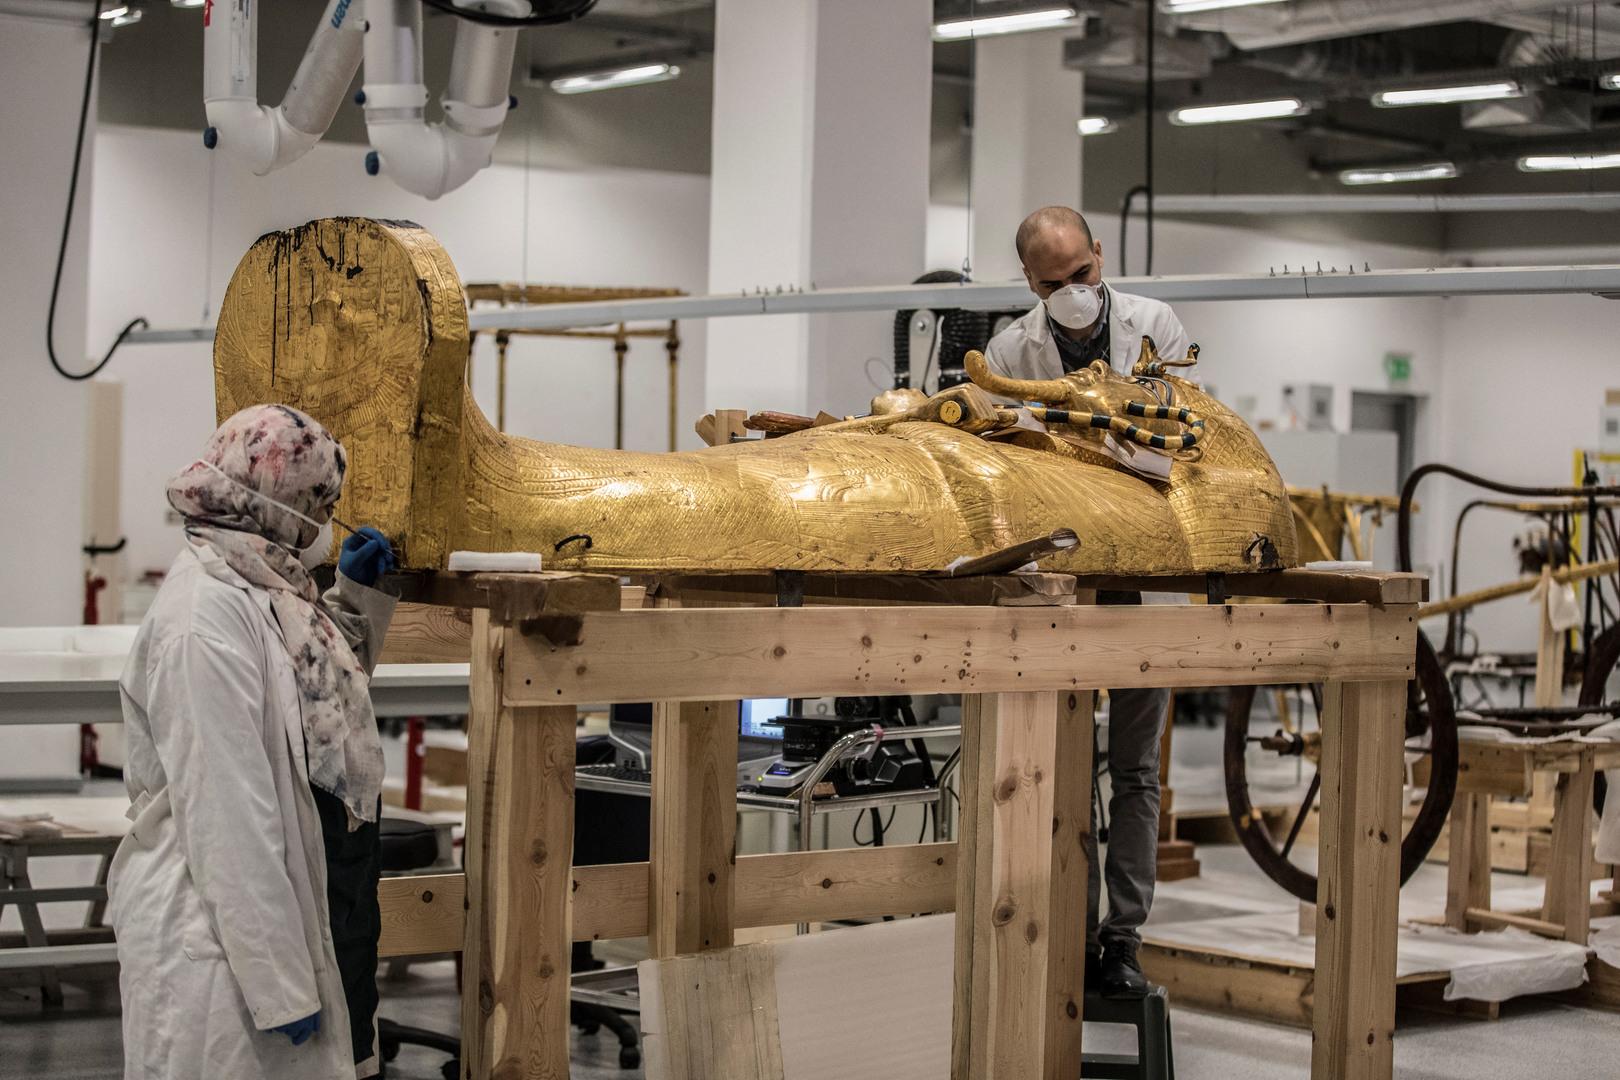 عالمة روسية تشرح سبب عدم نقل العلماء لمومياء توت عنخ آمون إلى المتحف